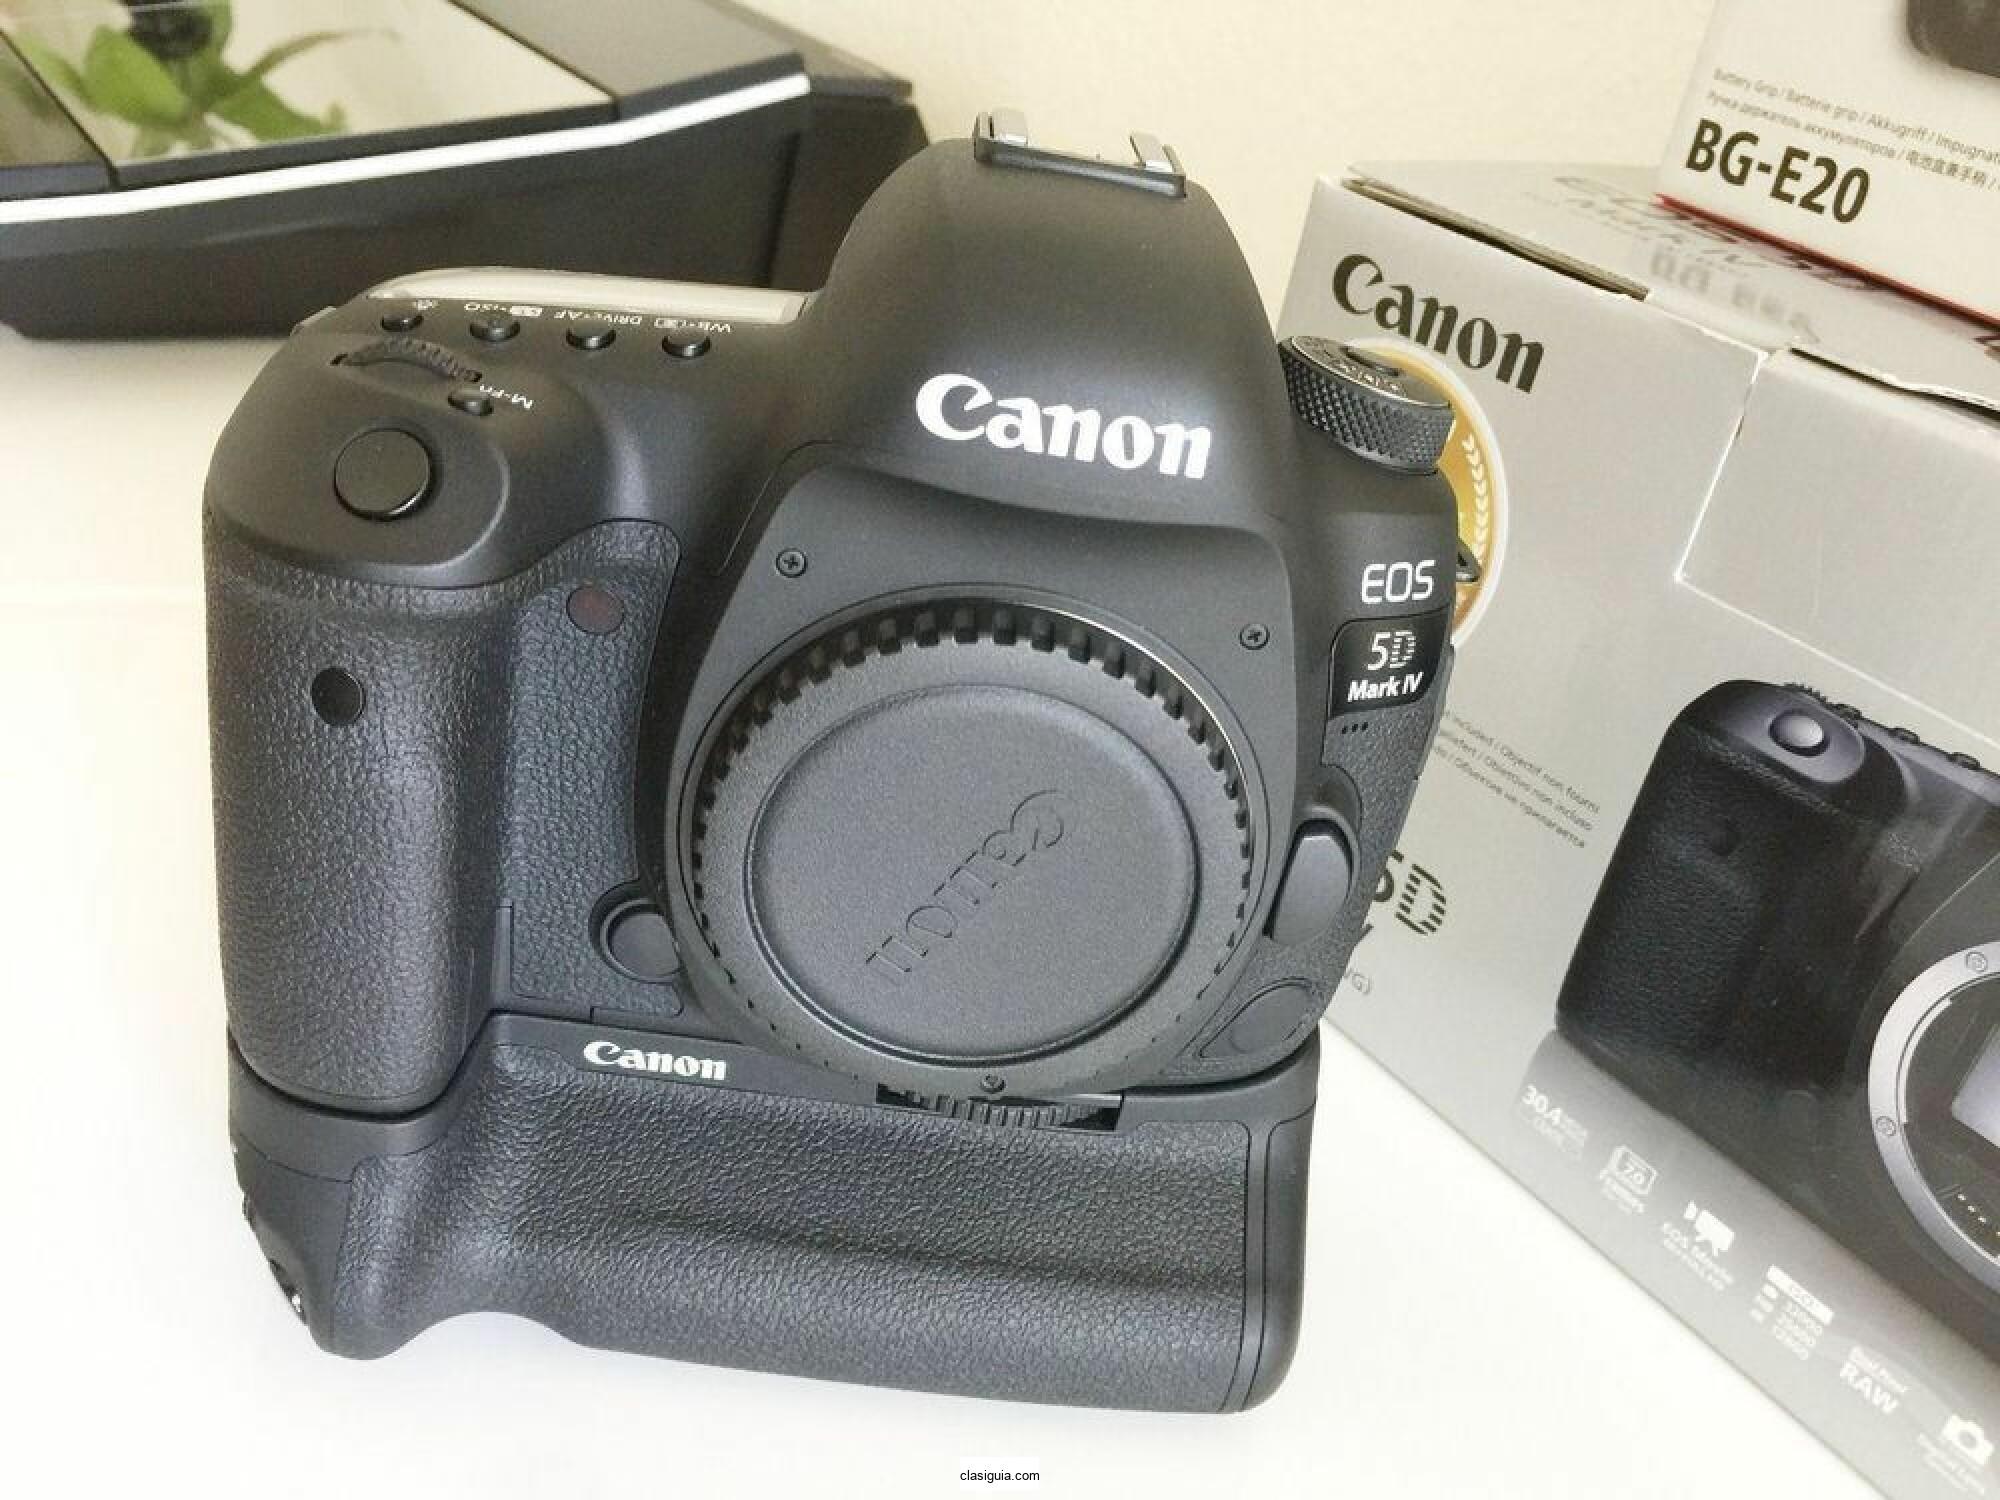 Canon EOS 5D Classic Camera-28-135mm Lente ultrasónica-Filtros-Flash-Accesorios